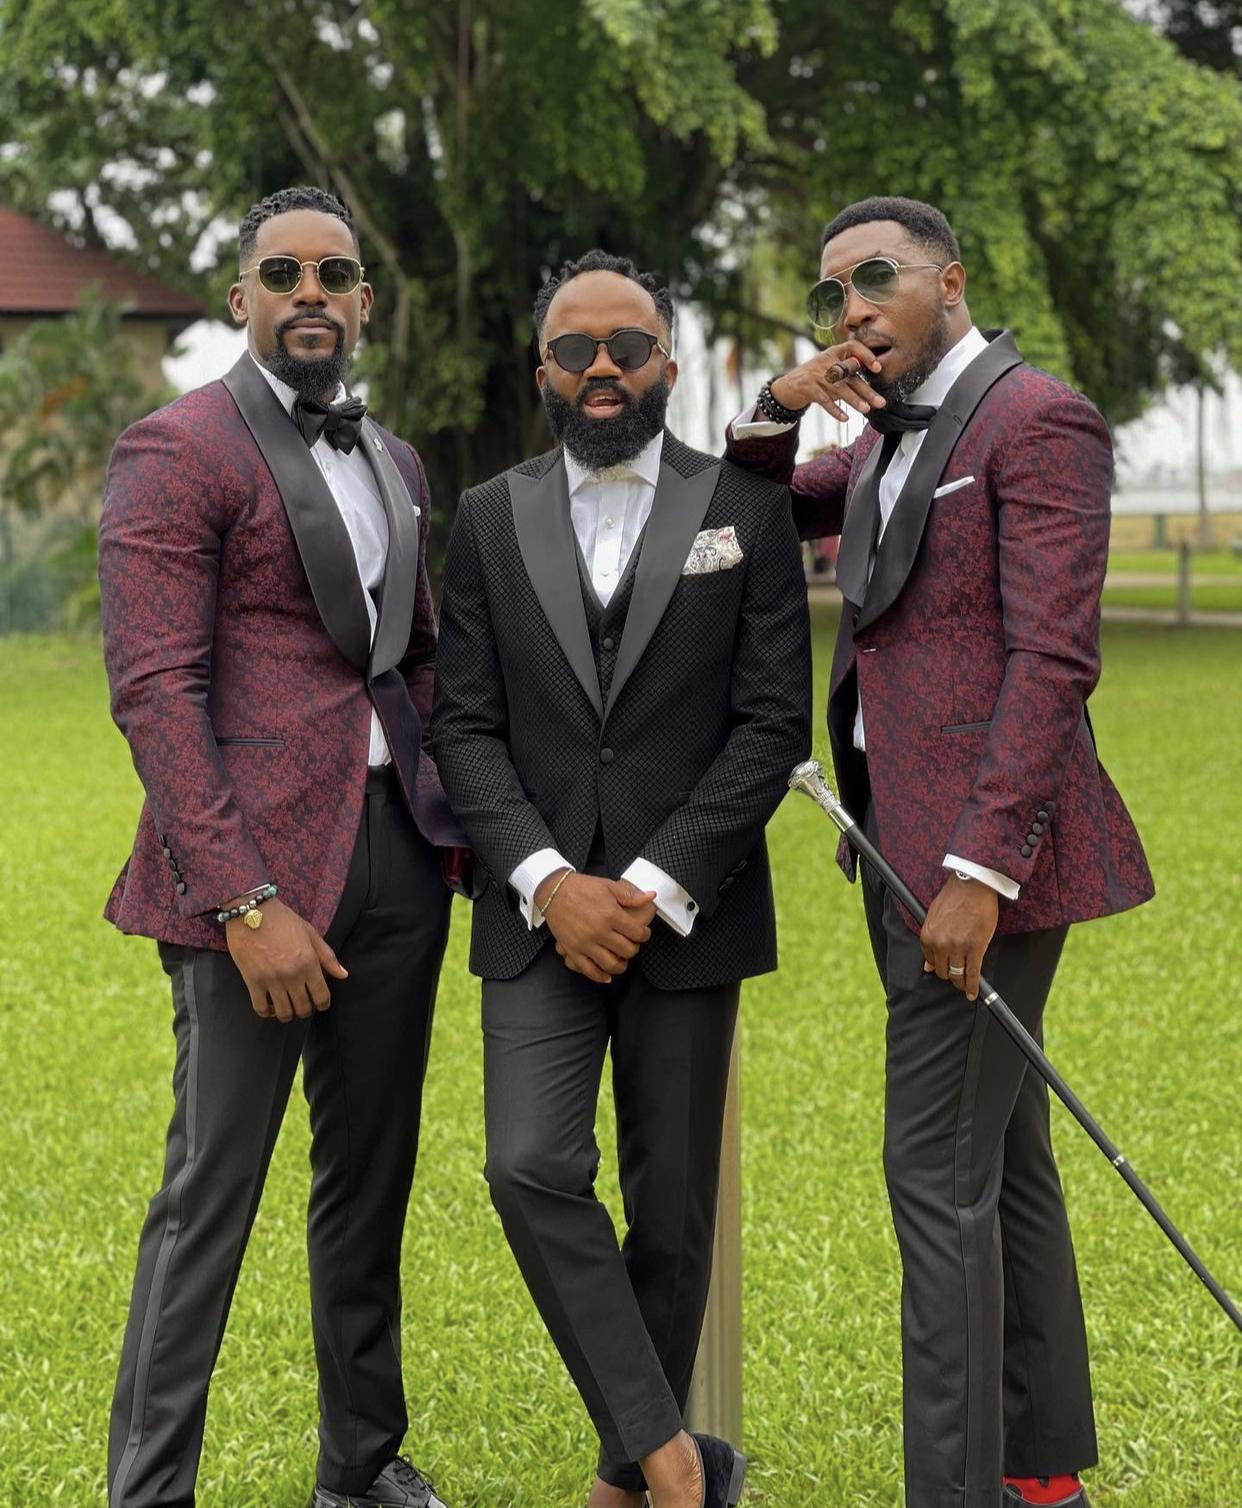 Mawuli Gavor, Noble Igwe and Timi Dakolo #KDLagos2021